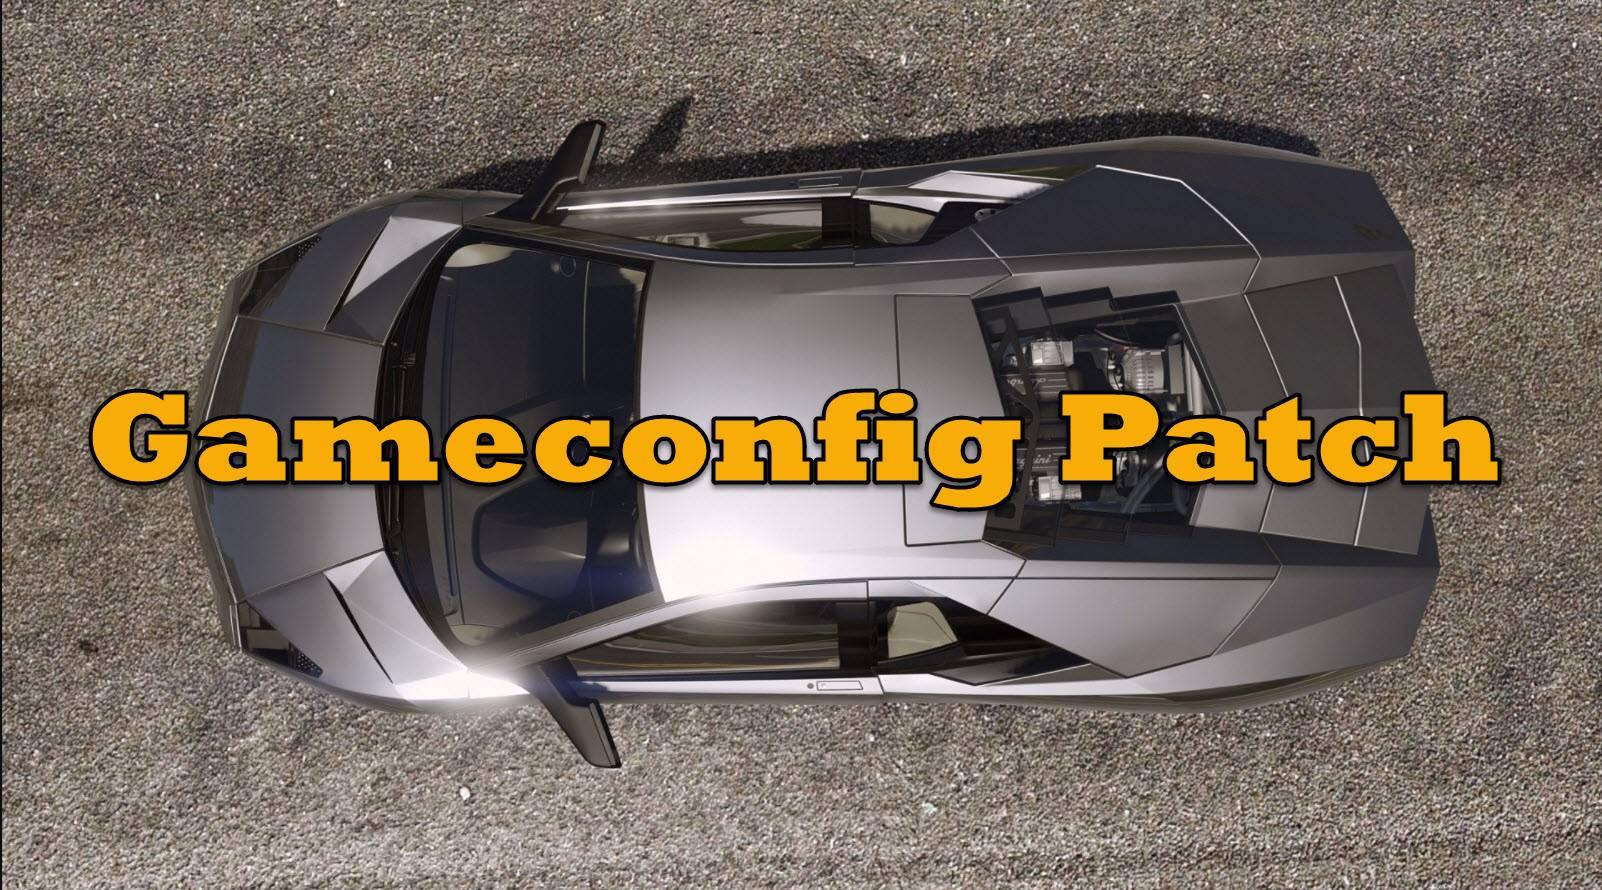 Gameconfig Patch - Патч конфига игры для DLC модов [1290.1]